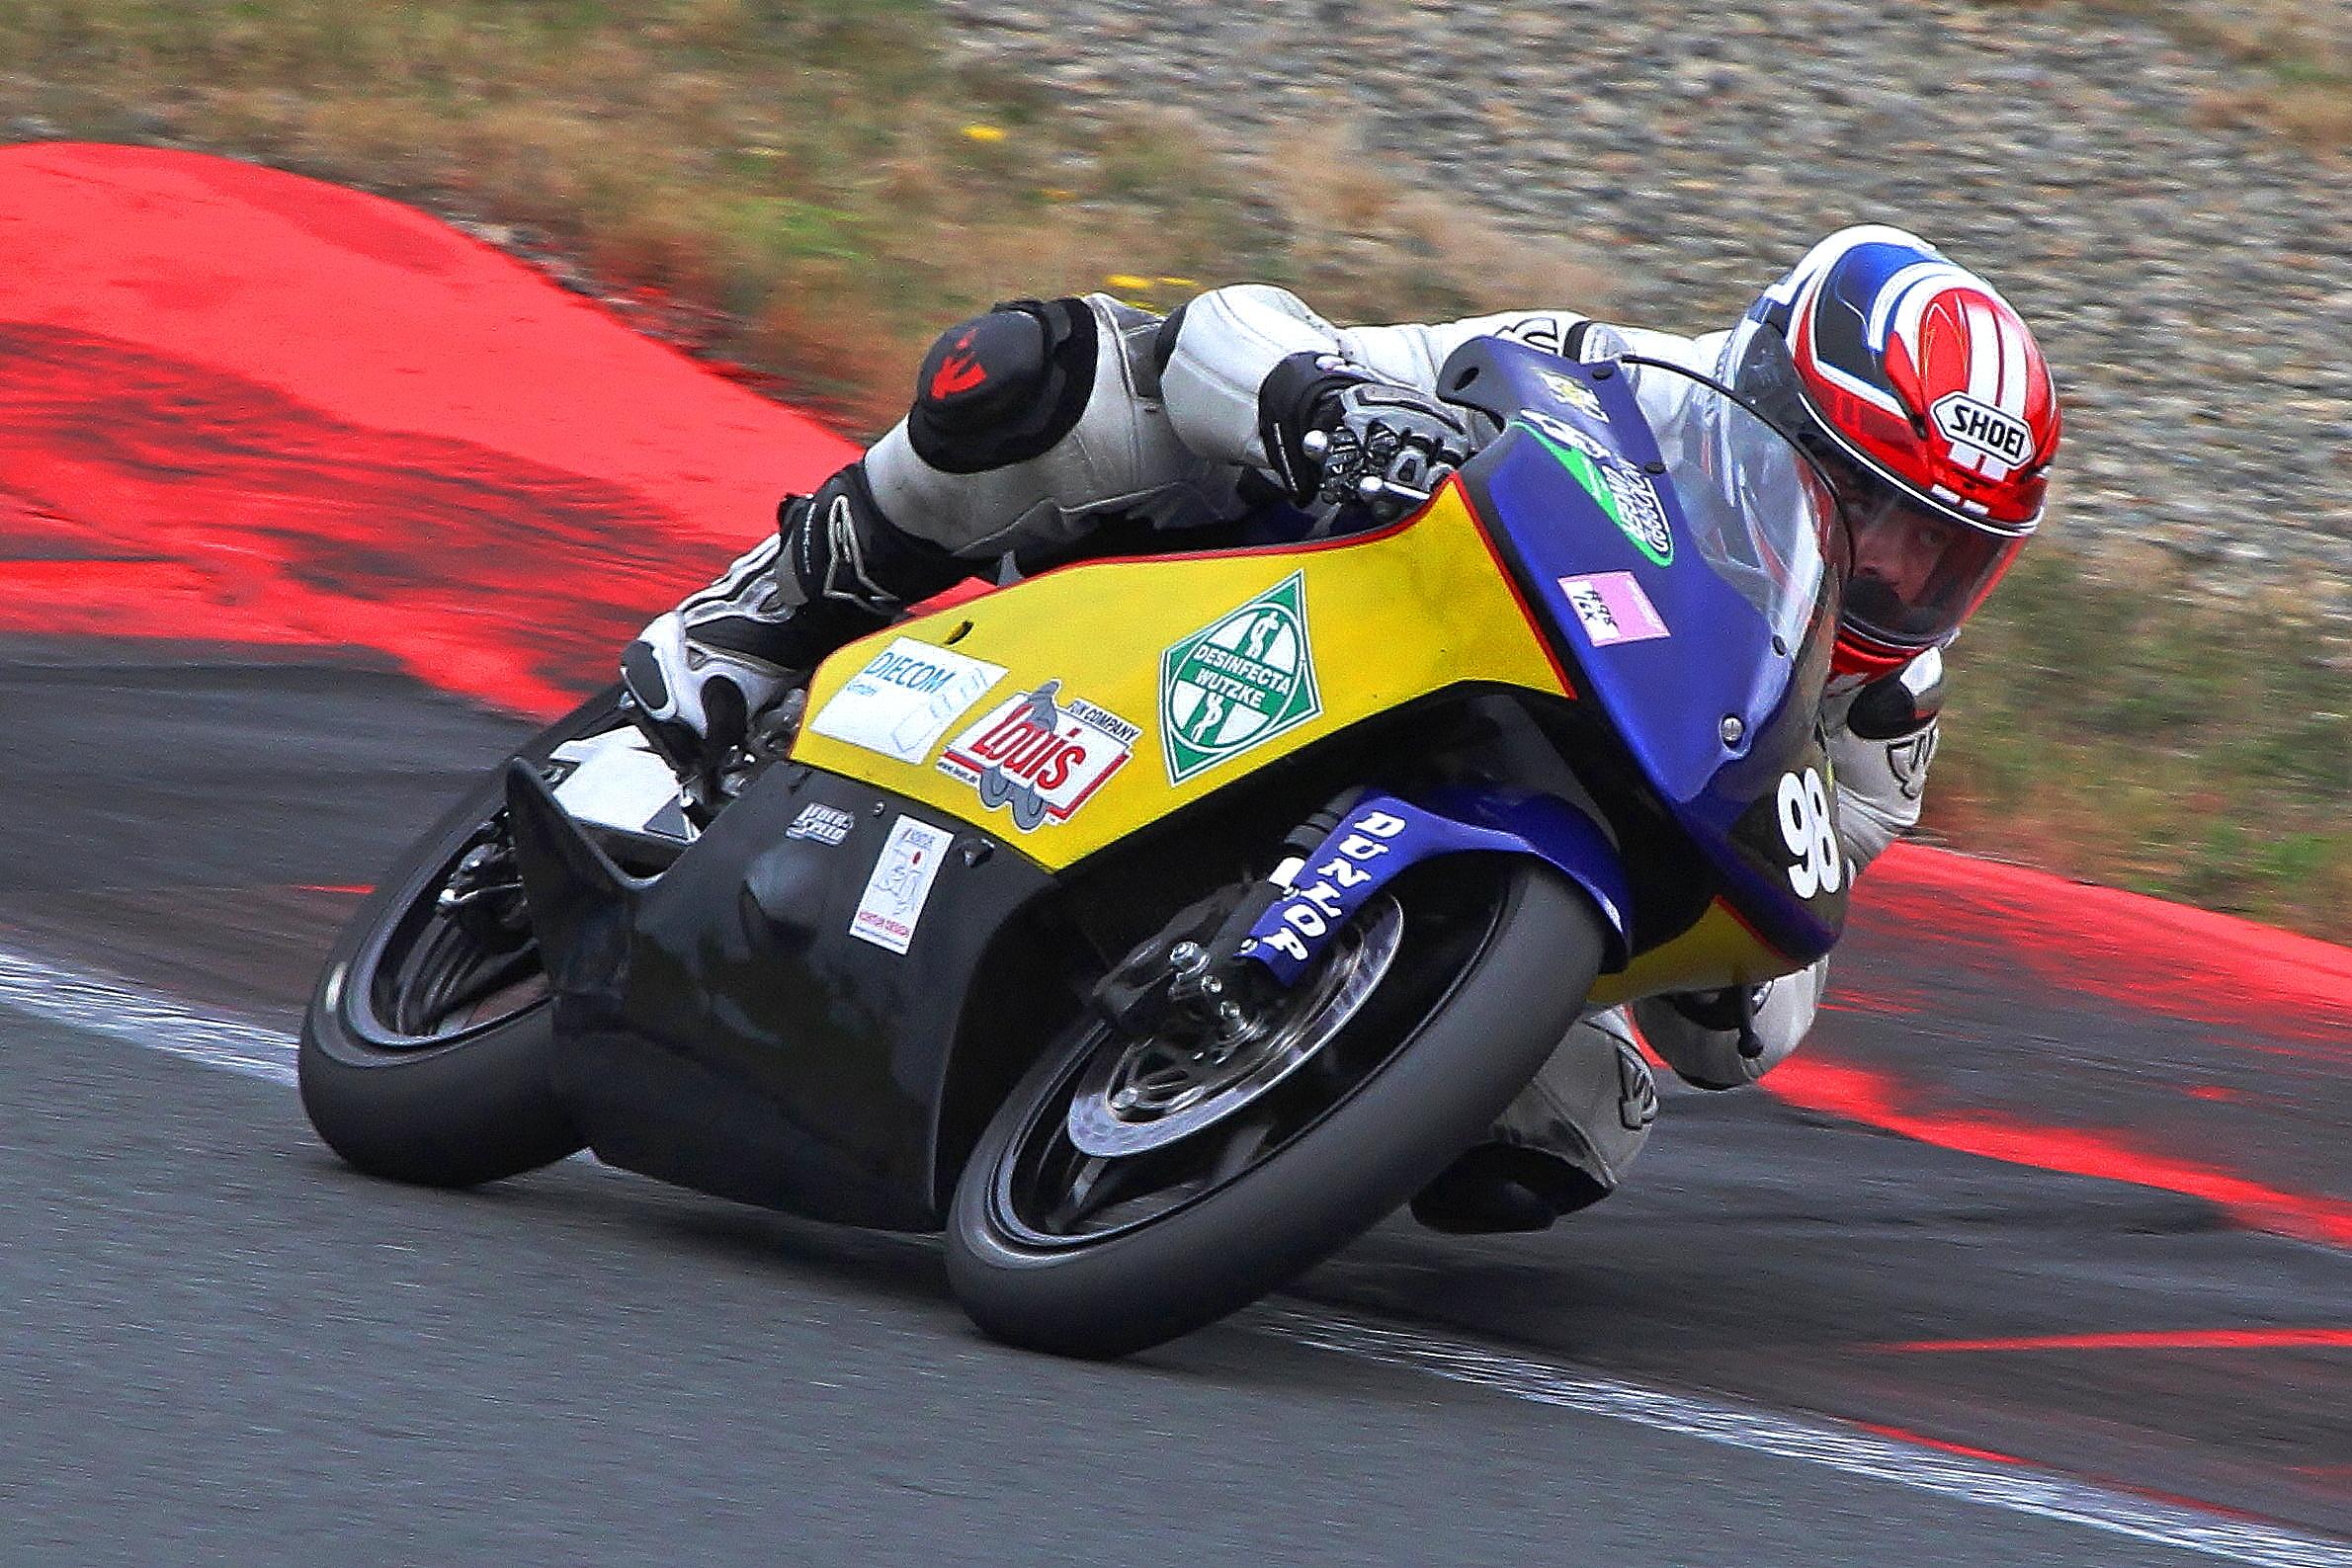 Adrian Hähle beim Rennen in der Motorsport-Arena Oschersleben in der IG Königsklasse